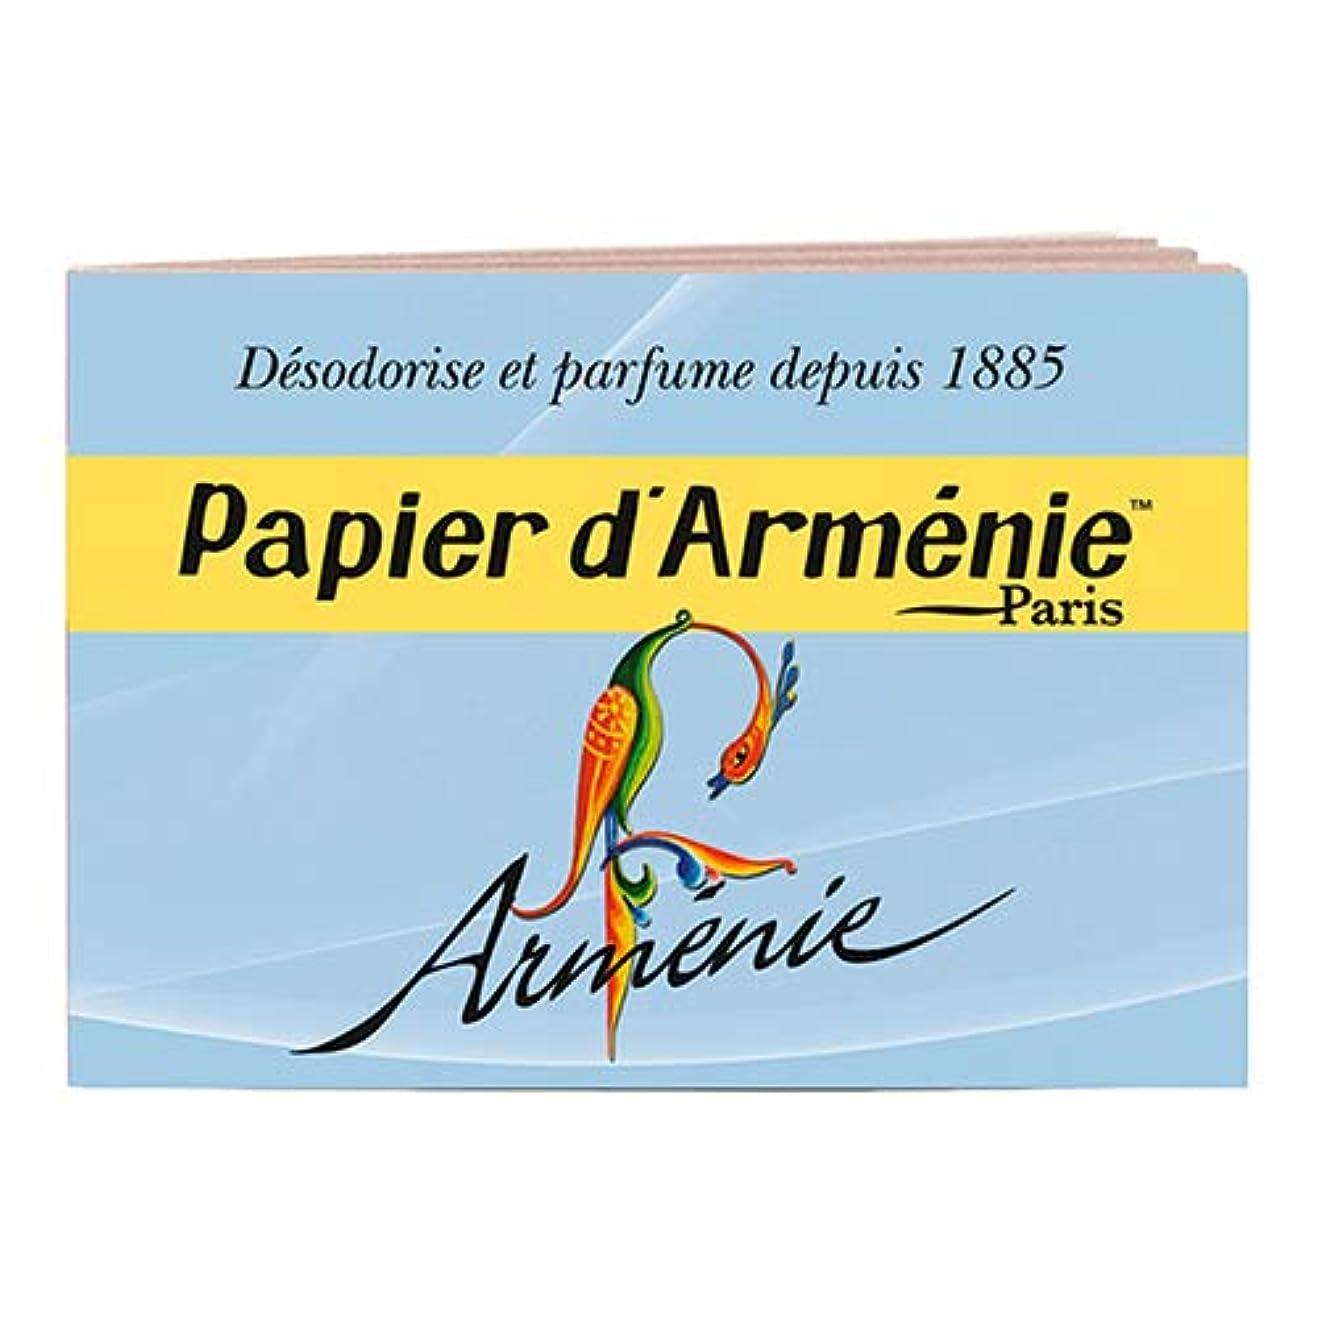 設置火薬ファイター【パピエダルメニイ】トリプル 3×12枚(36回分) アルメニイ 紙のお香 インセンス アロマペーパー PAPIER D'ARMENIE [並行輸入品]